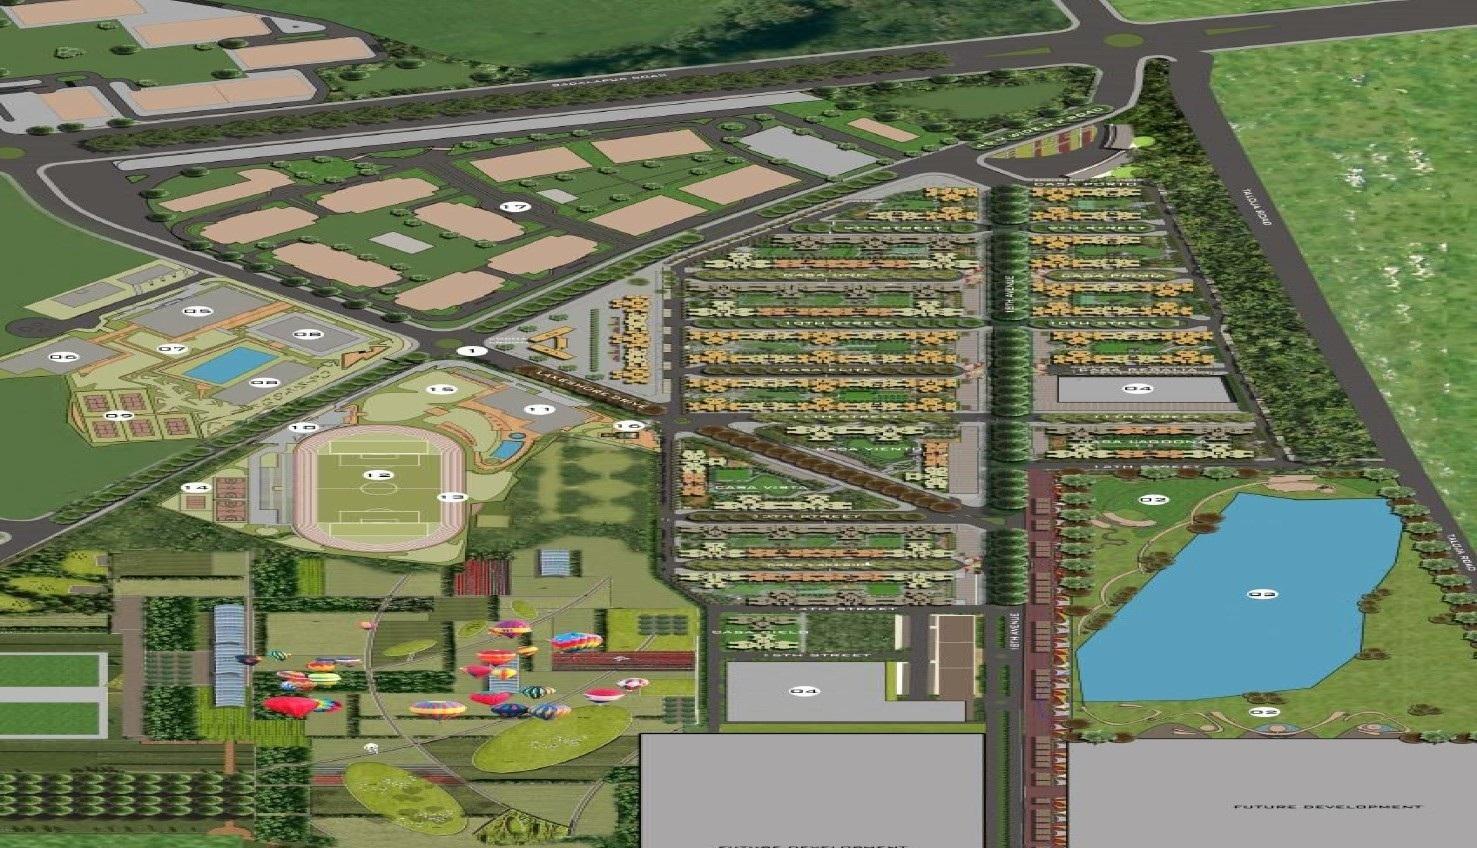 lodha palava marvella a h project master plan image1